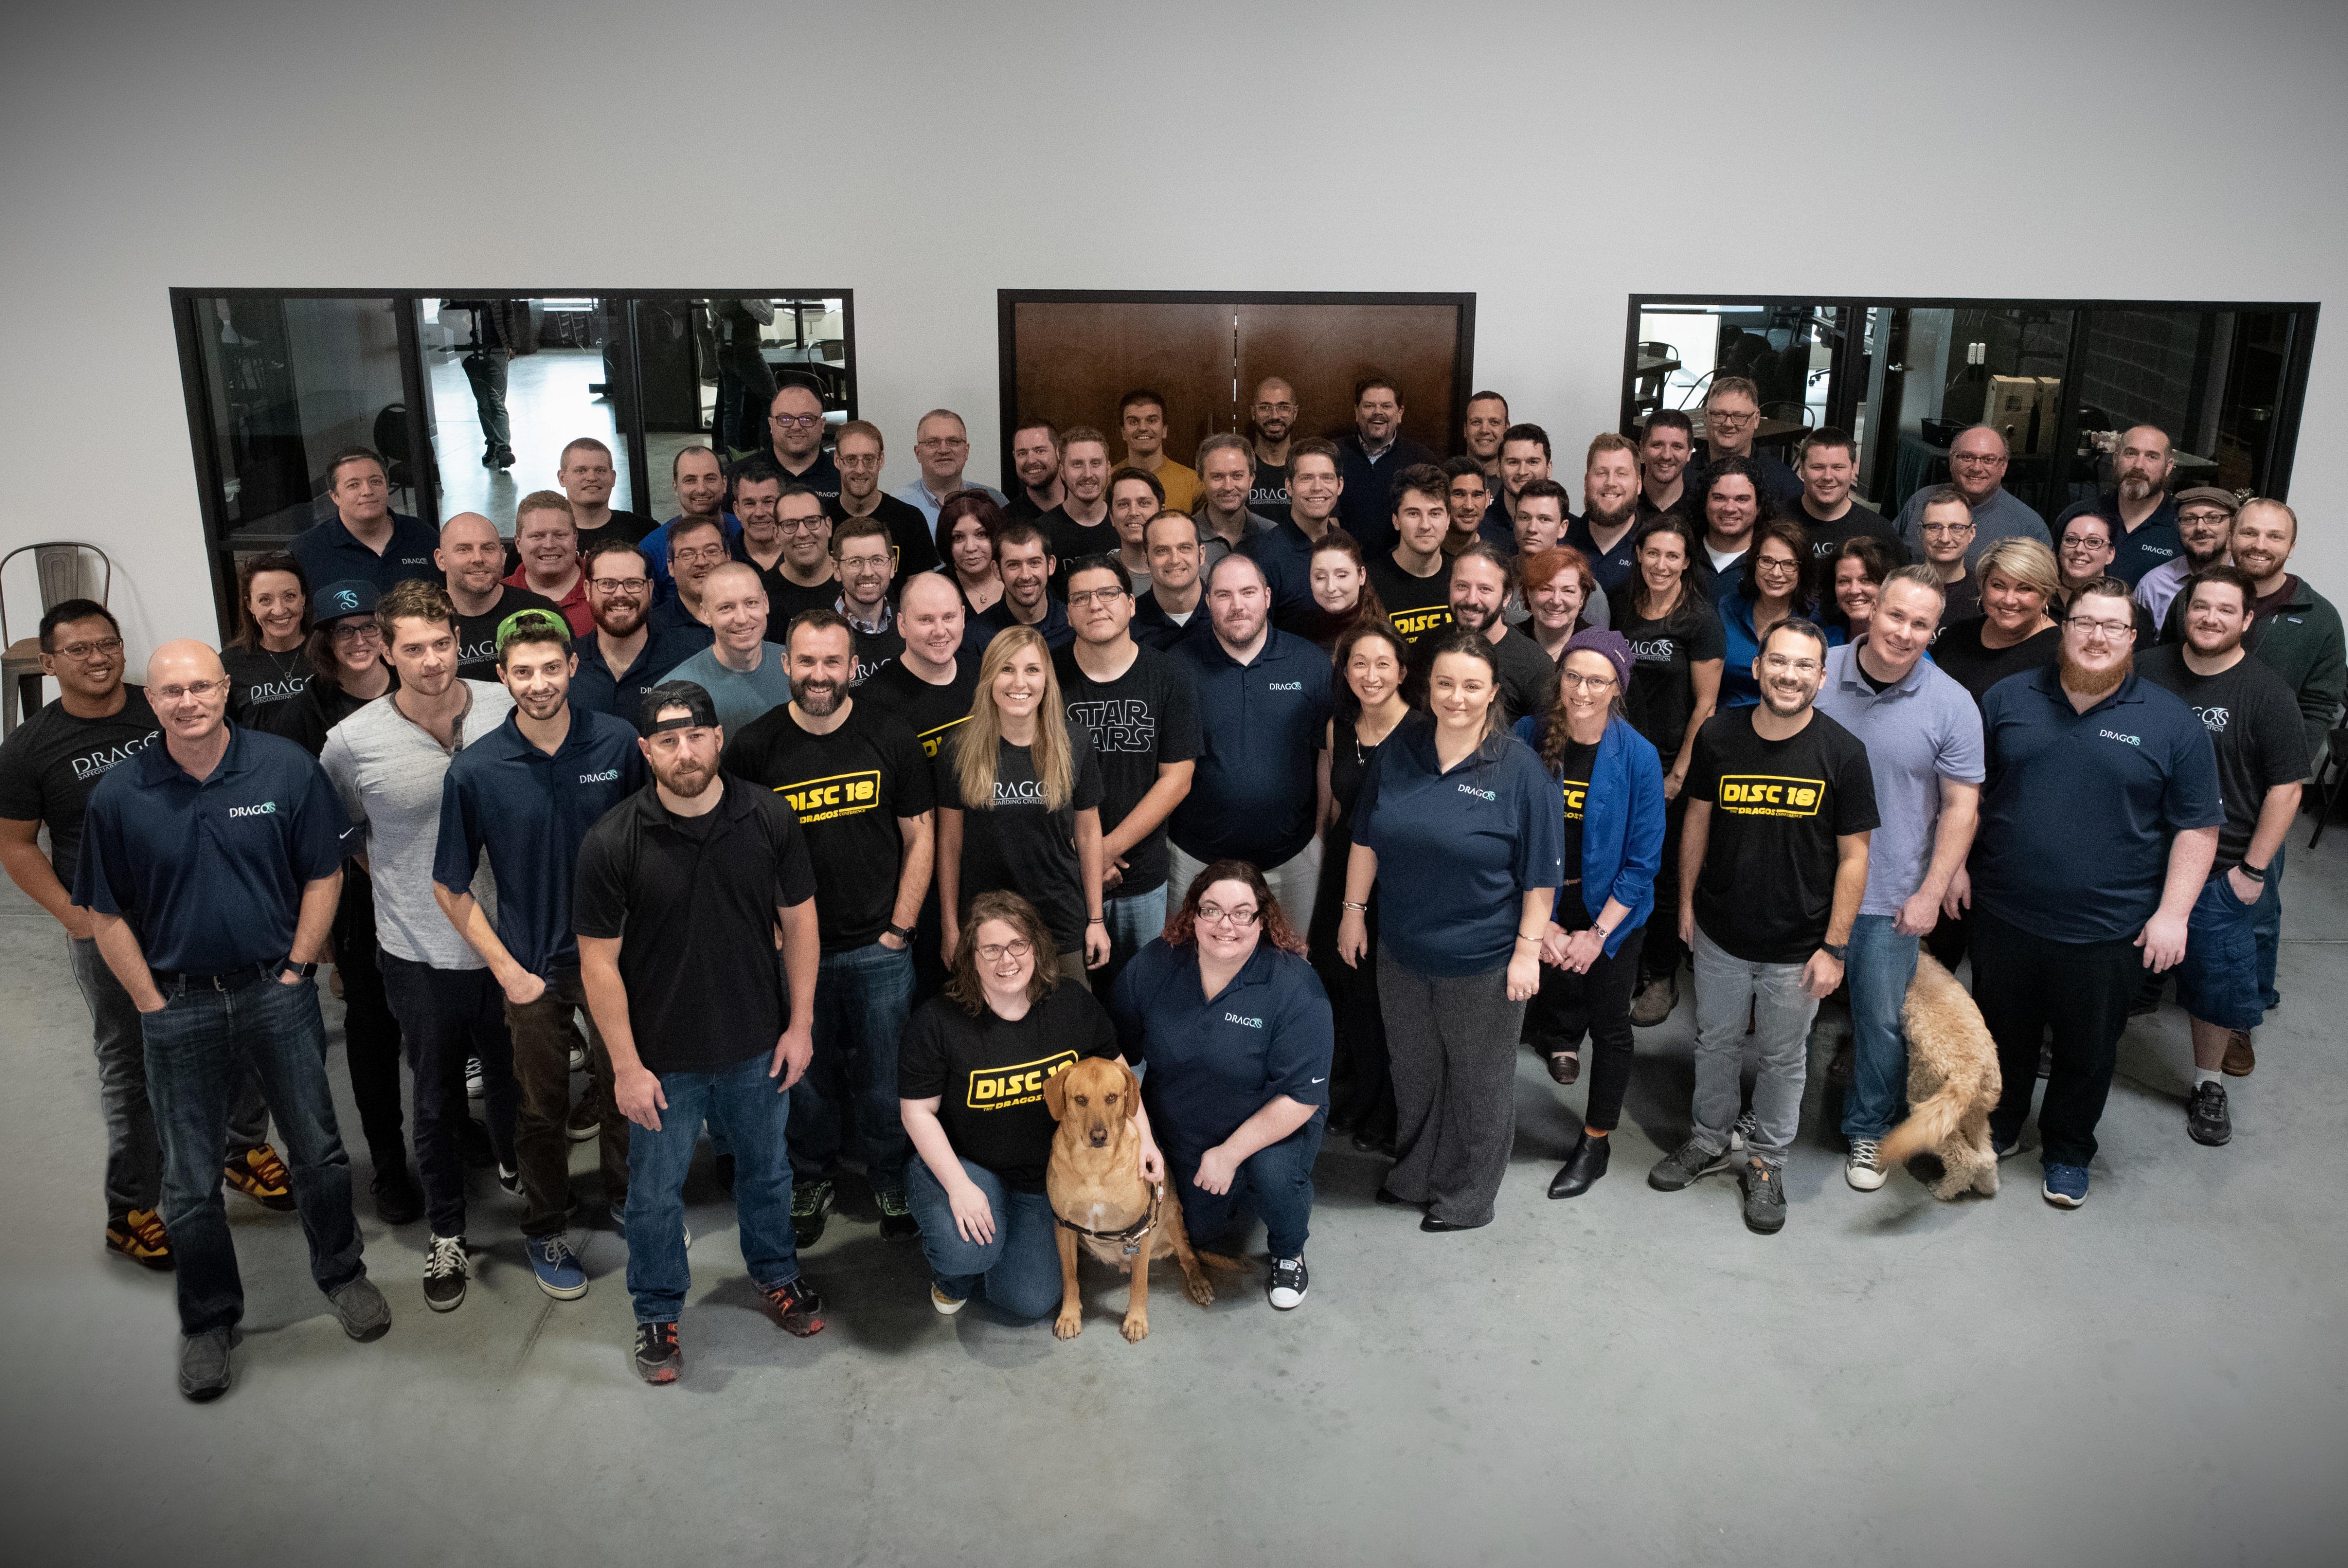 Dragos team picture